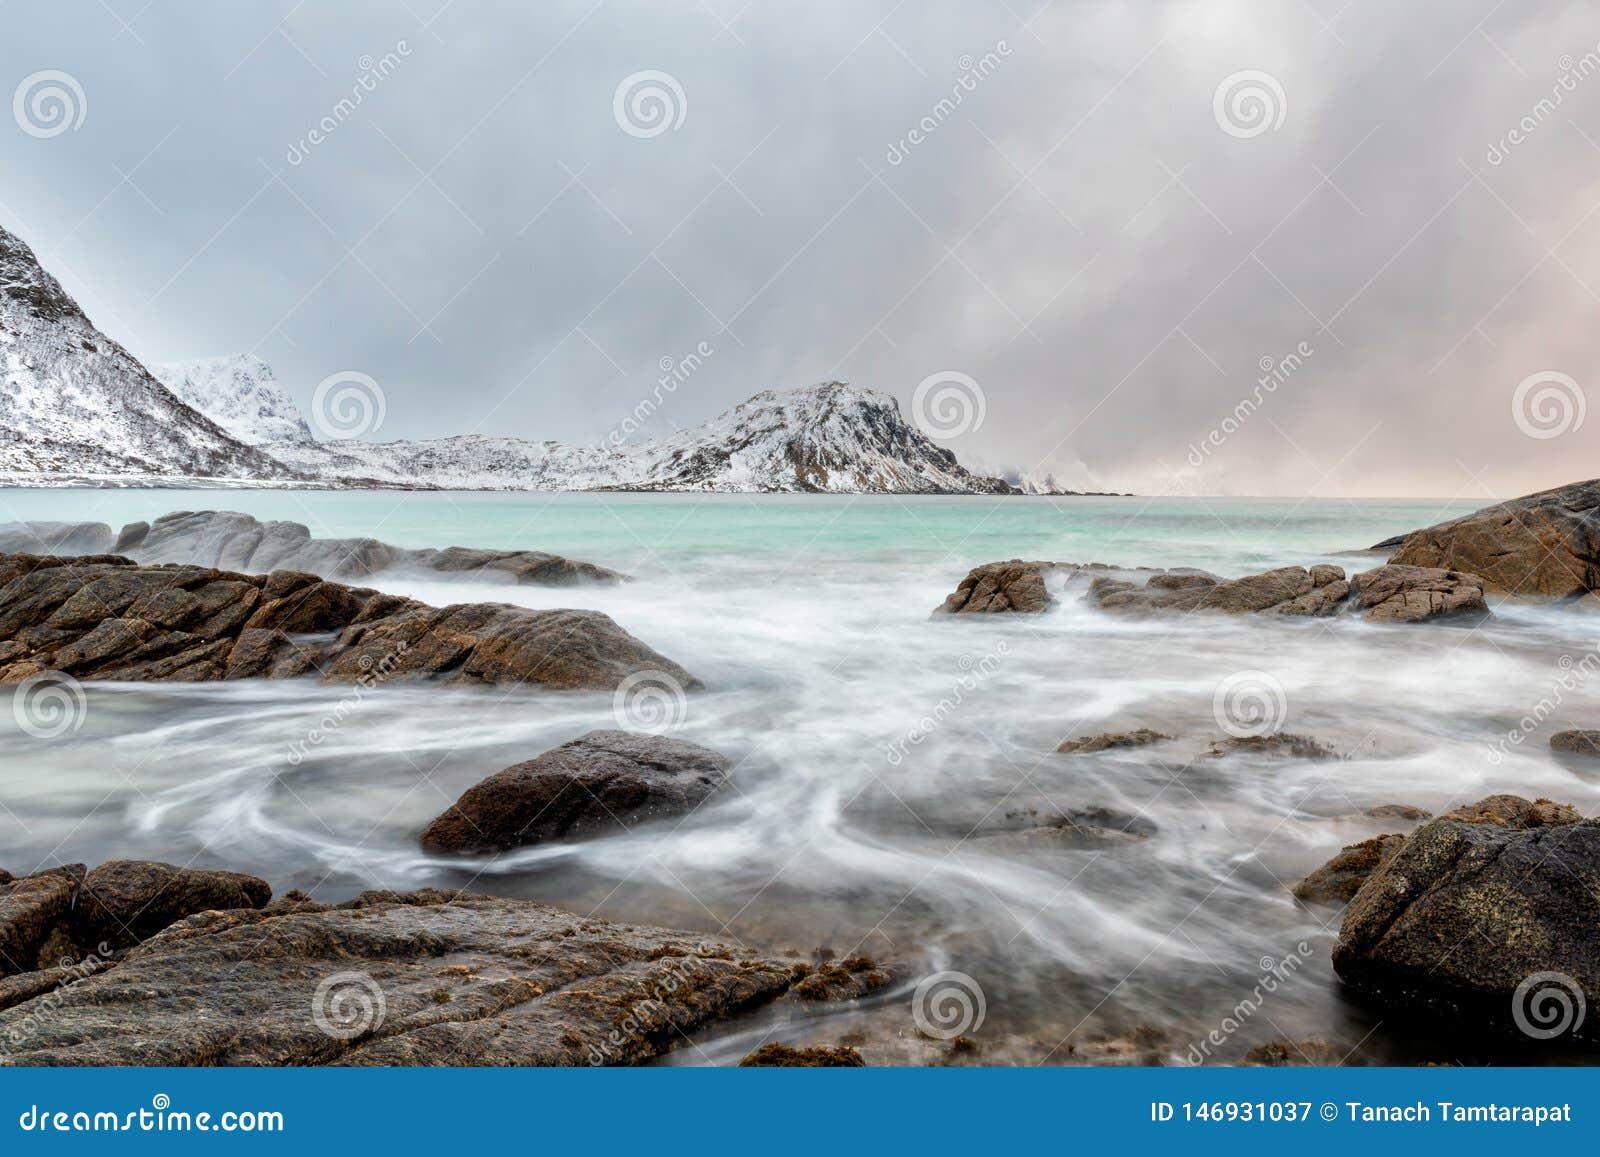 Courant de mer par des roches